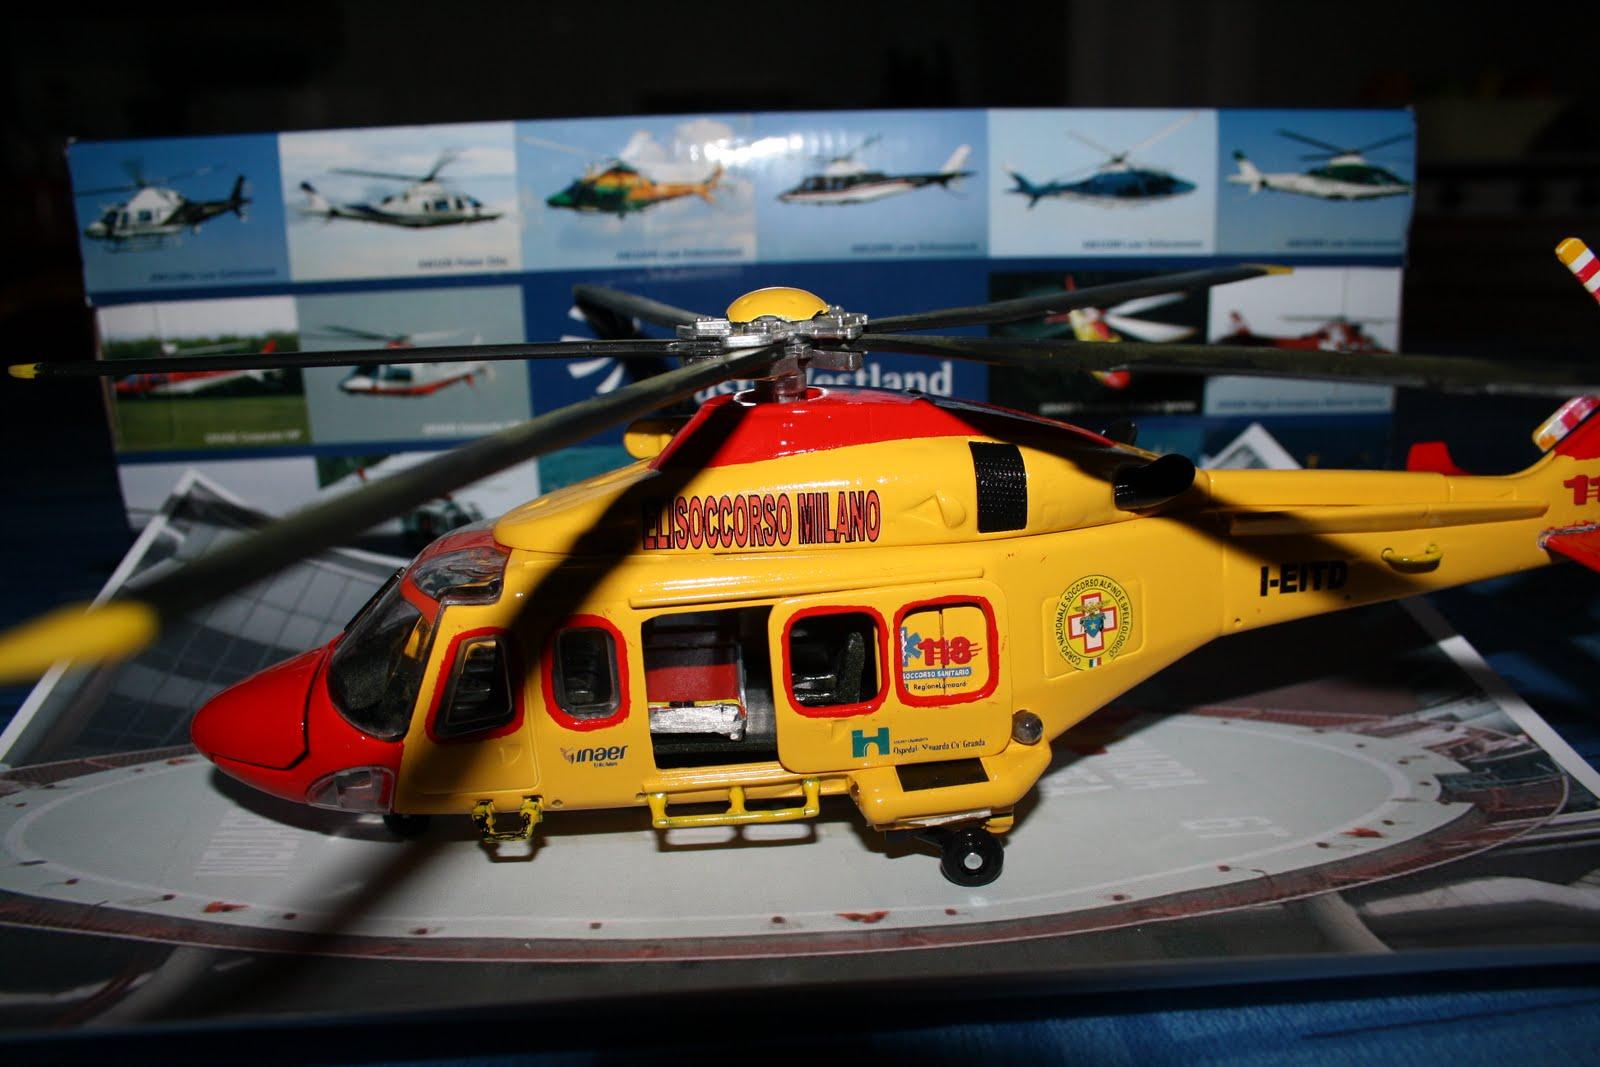 Elicottero Milano : Max model decalsgallery: antonio ventrella elisoccorso 118 milano